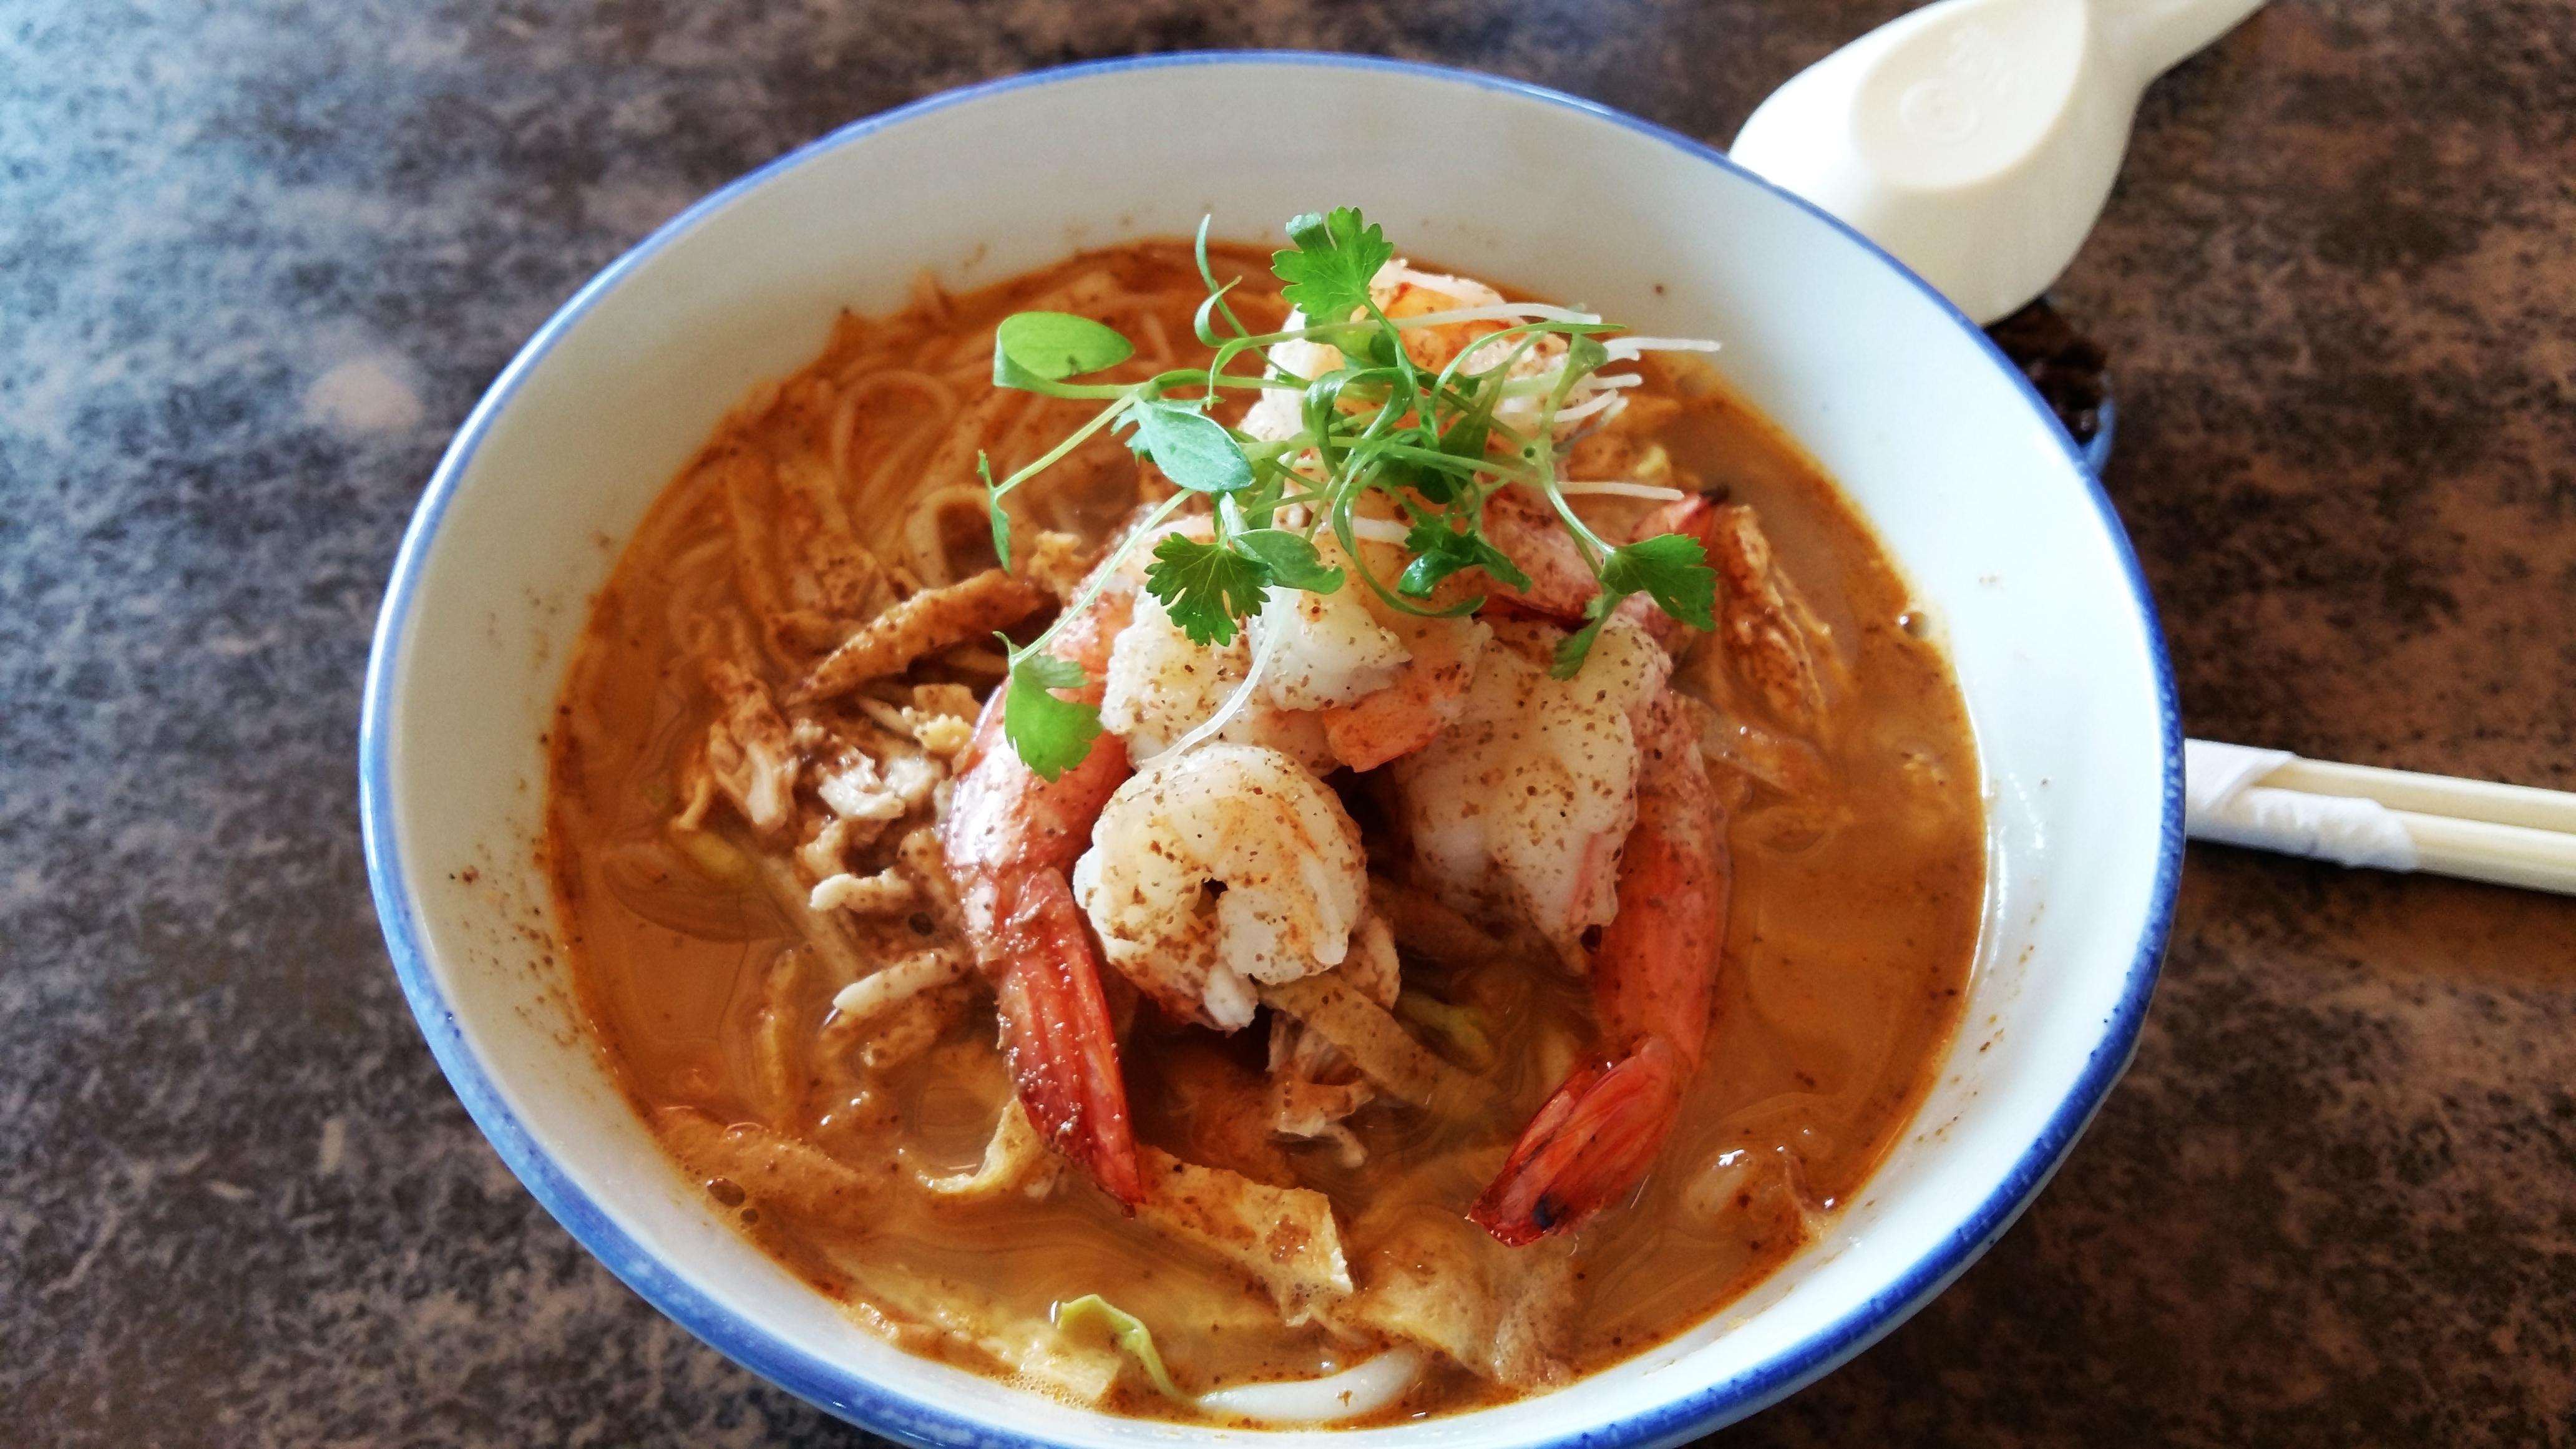 Una clase de cocina Malaya - Malasia Gran Viaje Kuala Lumpur y gran tour de Borneo